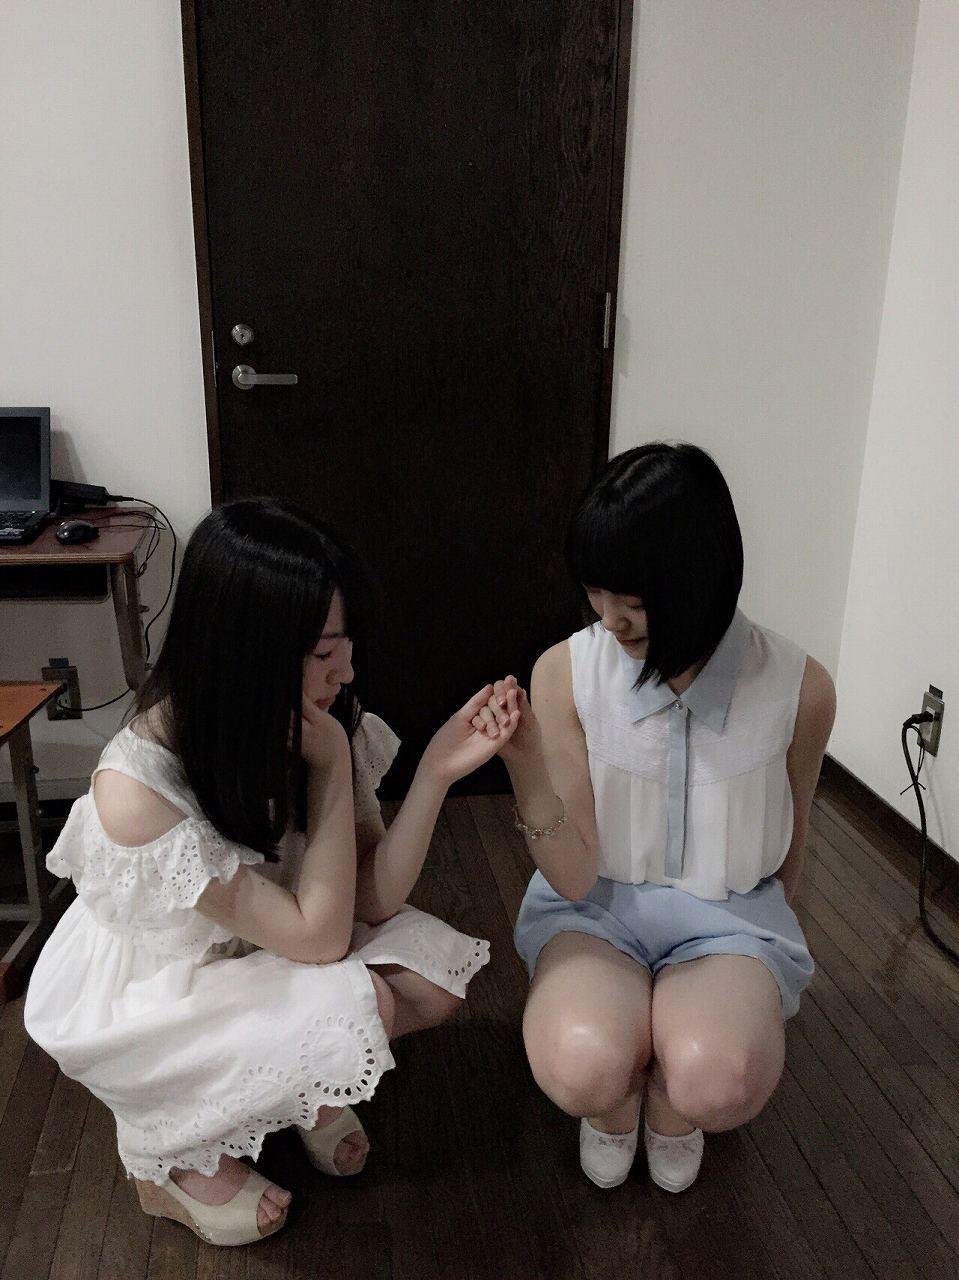 乃木坂46・伊藤万理華とショートパンツを履いて太ももが丸出しになってる堀未央奈